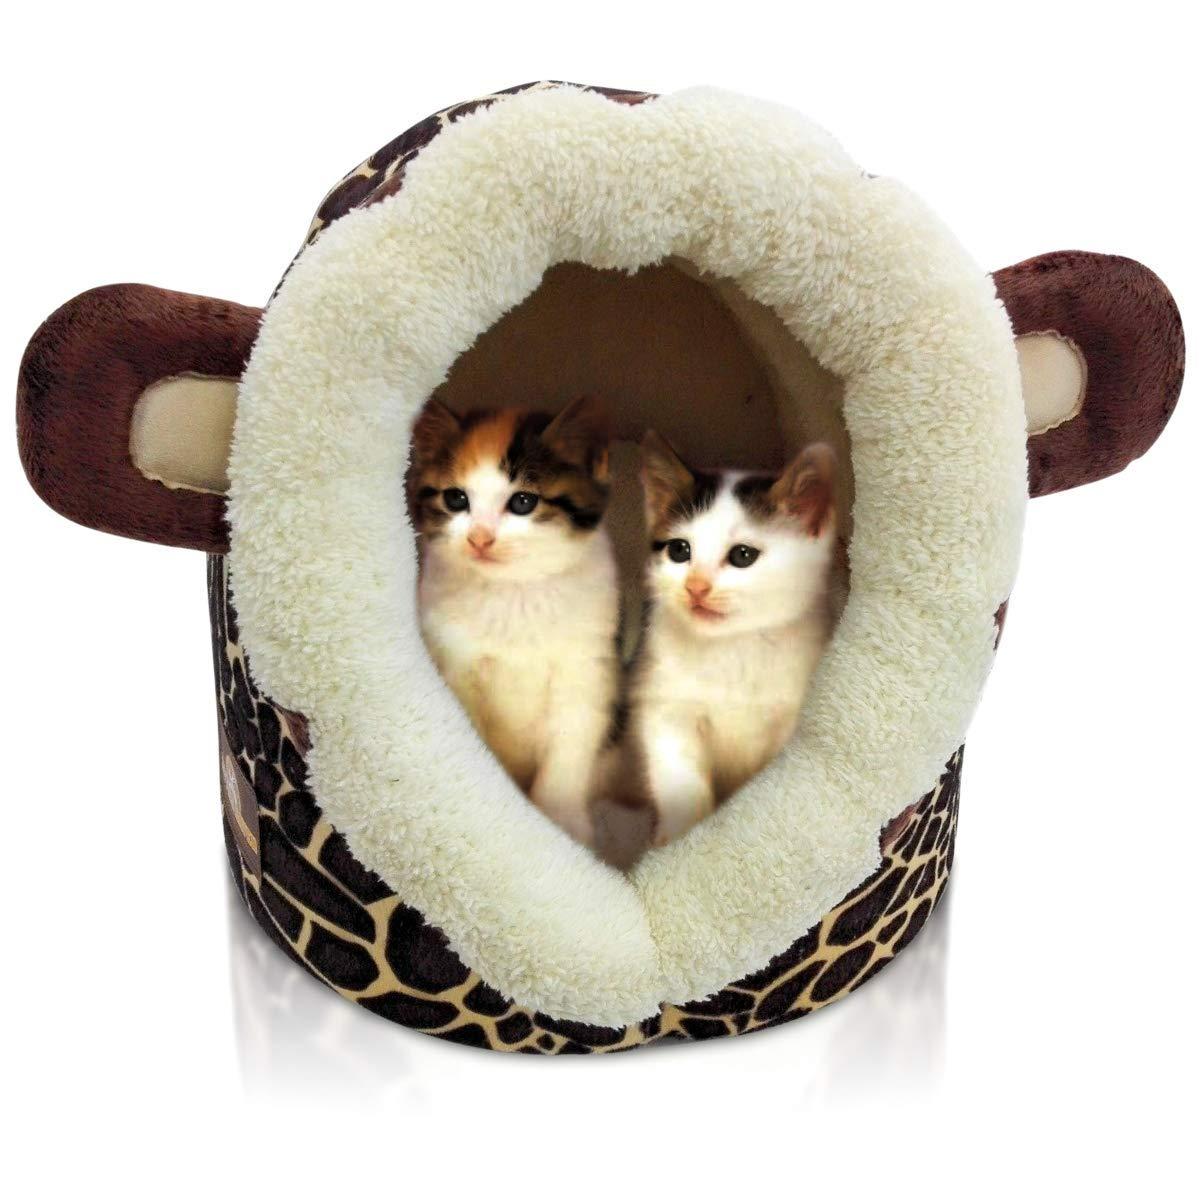 Cesta para gatos, cama para gatos, mascota, aspecto de león o jirafa, 32 x 36 x 30cm (ancho x largo x alto), cama, también adecuada para perros pequeños: Amazon.es: Productos para mascotas